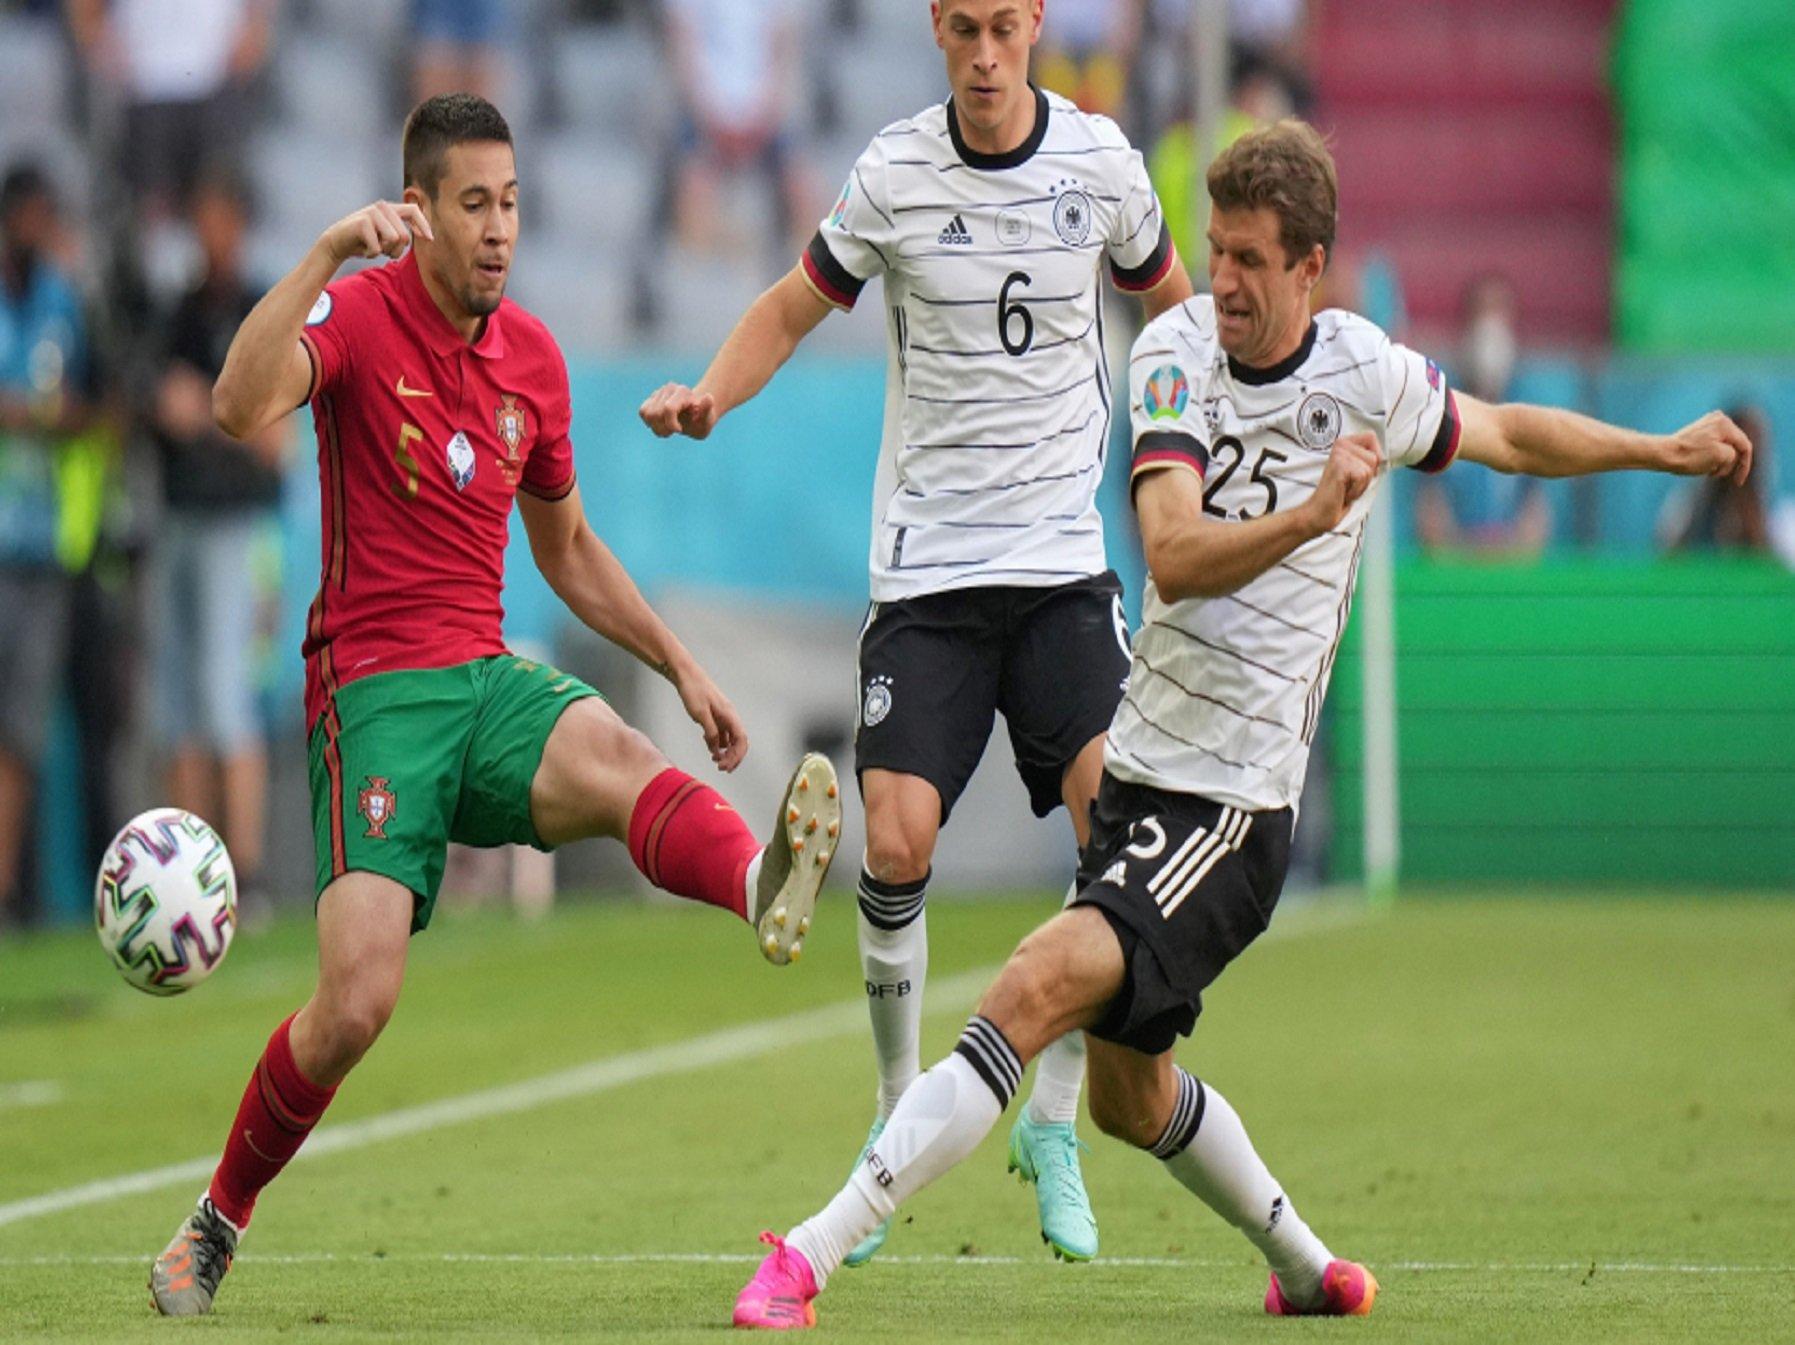 Πορτογαλία - Γερμανία 2-4